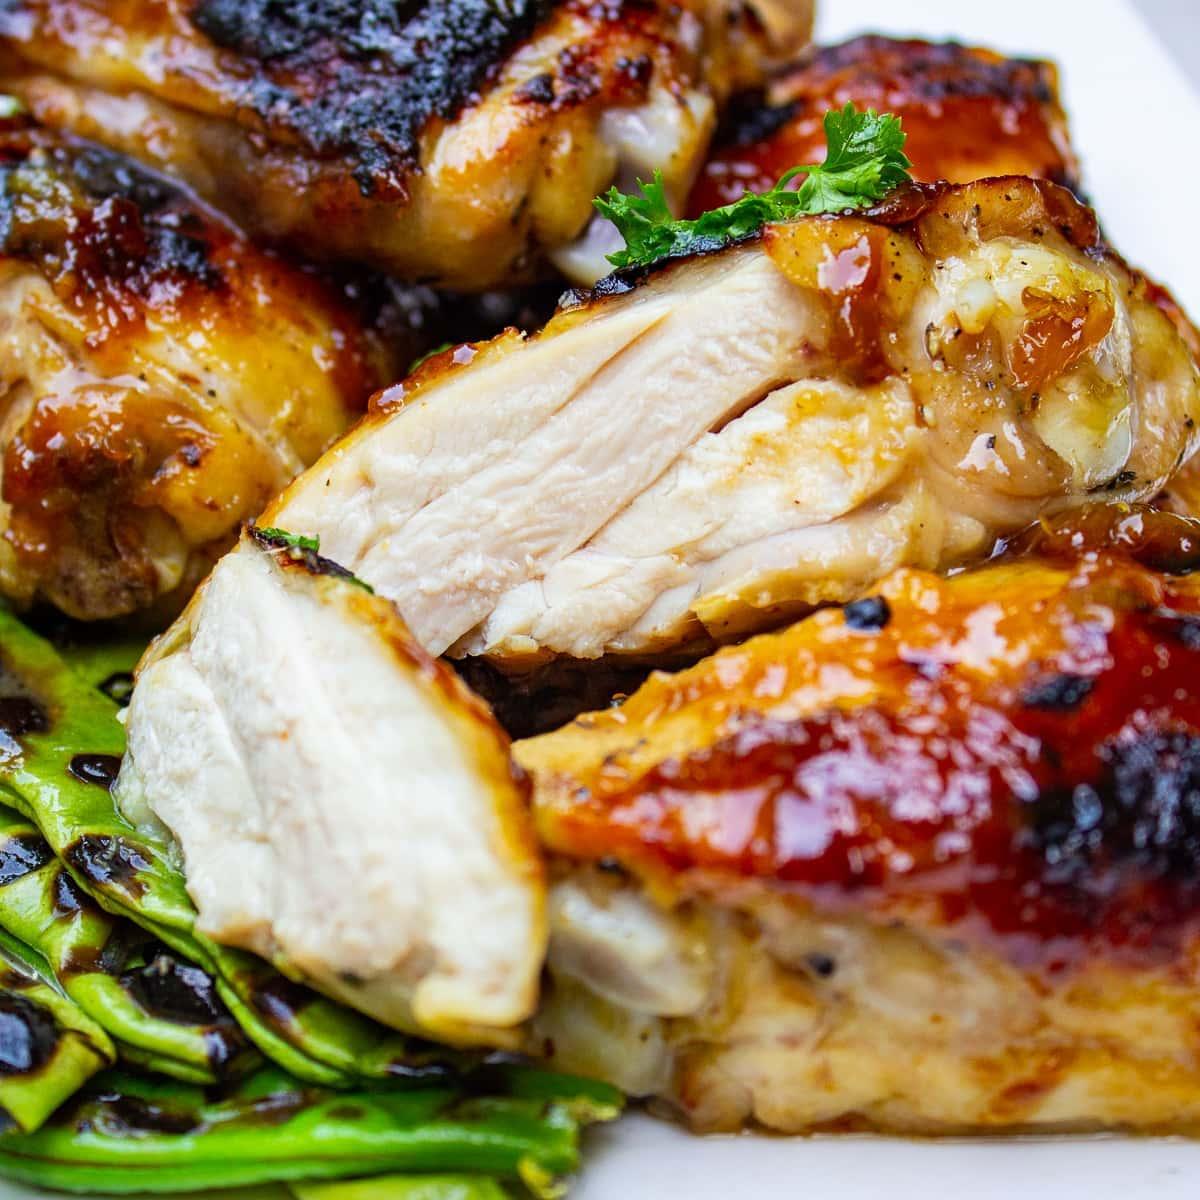 cut open juicy piece of chicken on plate